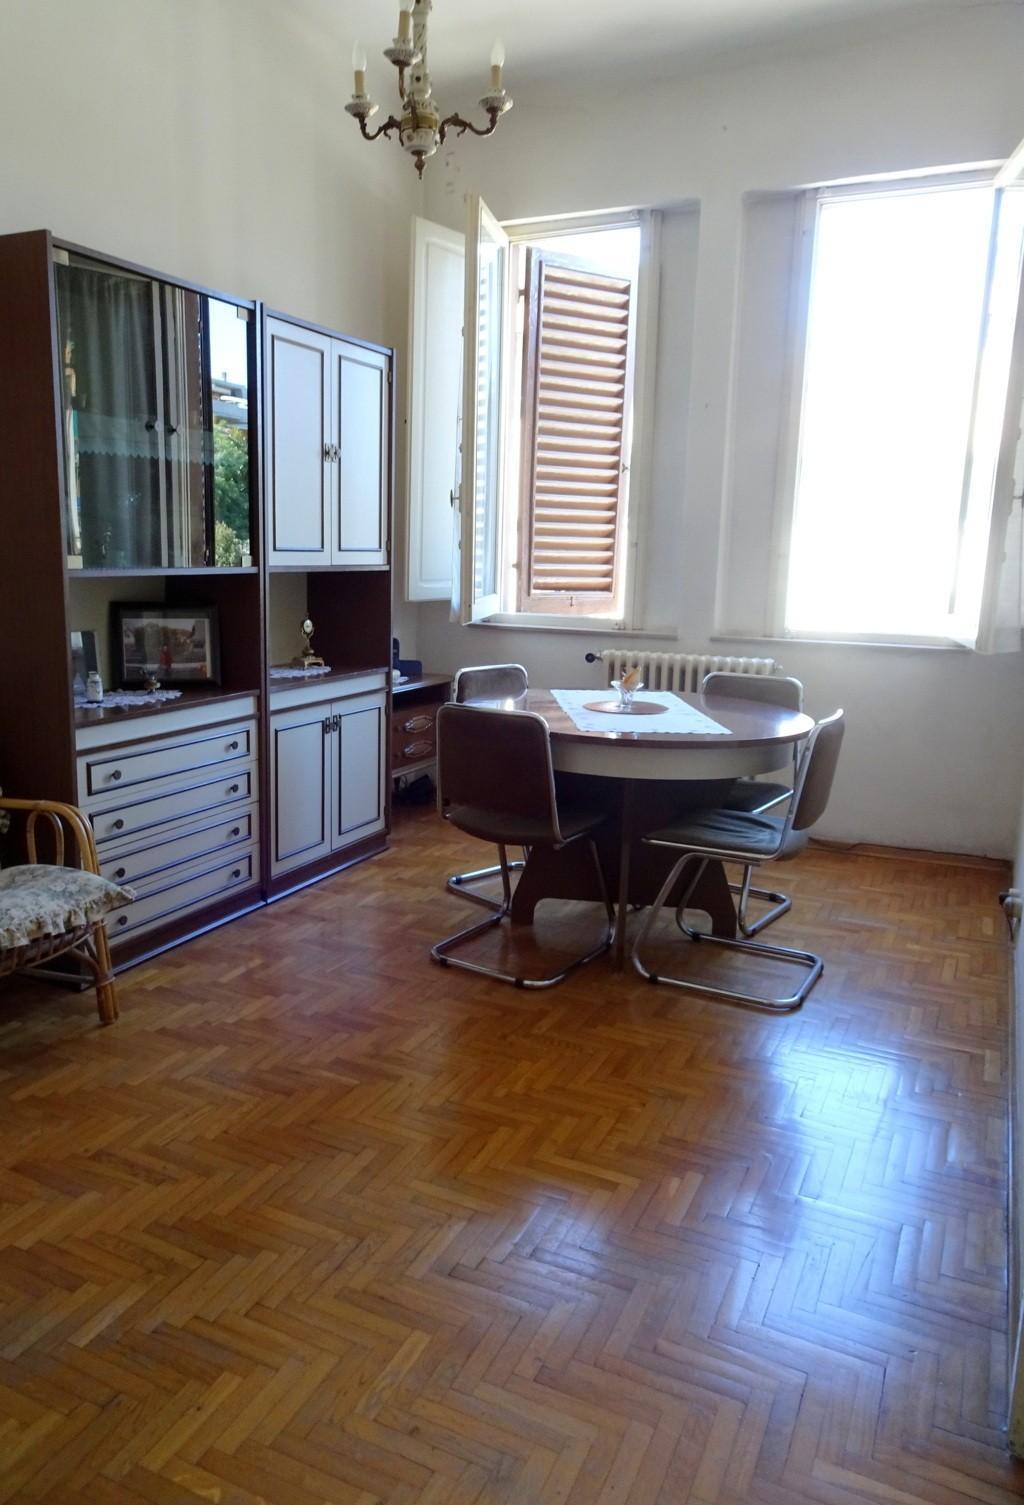 Casa singola in vendita a Poggibonsi (SI)